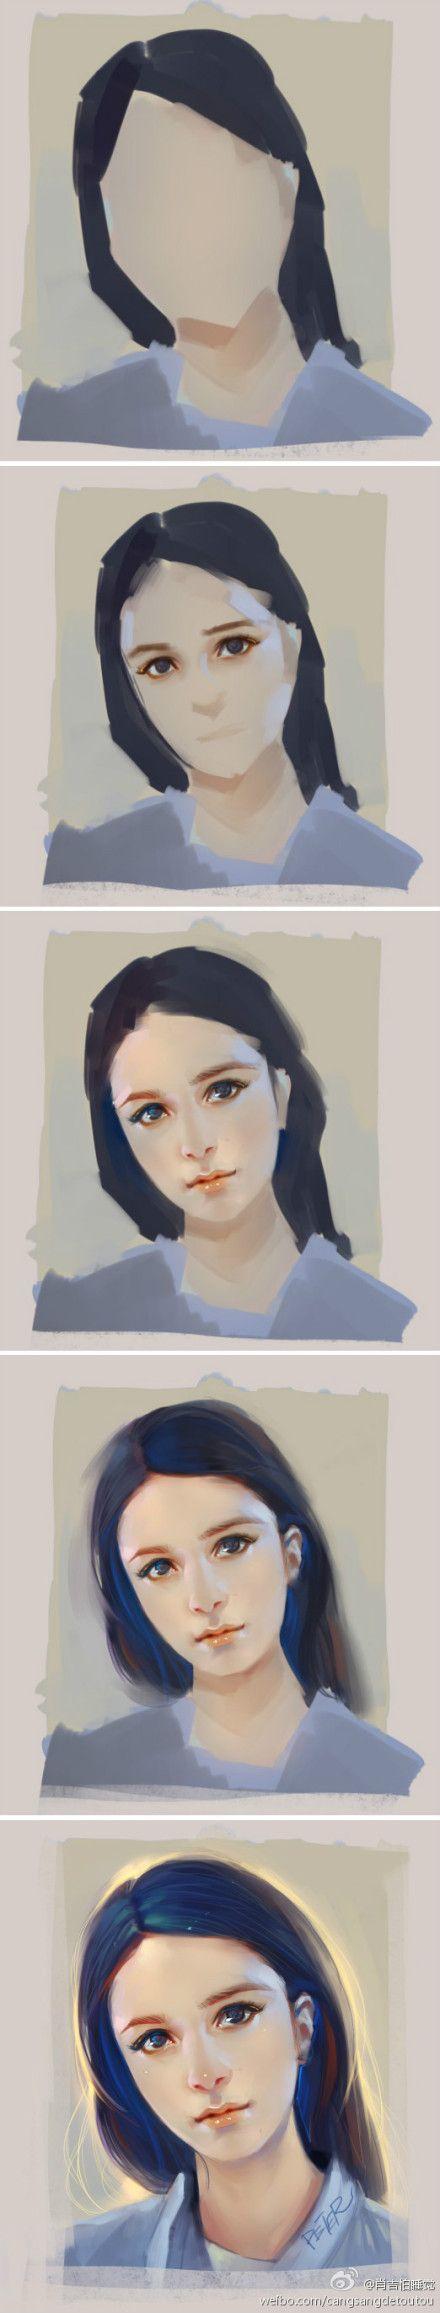 【作画教程】美图头像作画教程一枚~作者@...